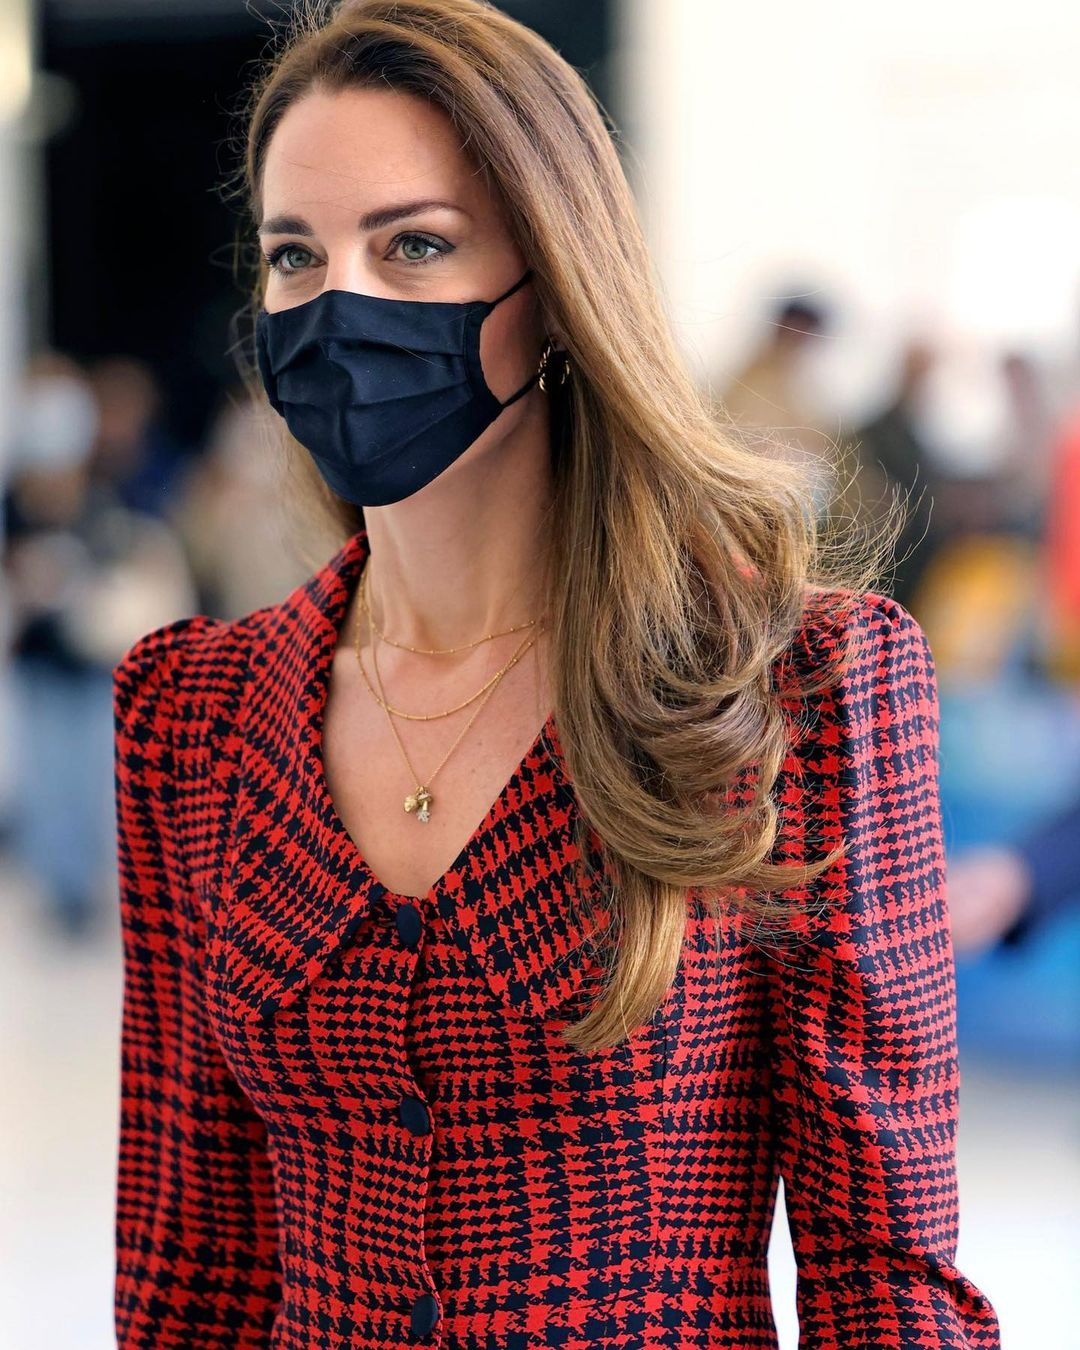 Công nương Kate Middleton cũng có ngày bị chê mặc xấu hơn mẫu hãng, nguyên do bởi một món phụ kiện - Ảnh 2.